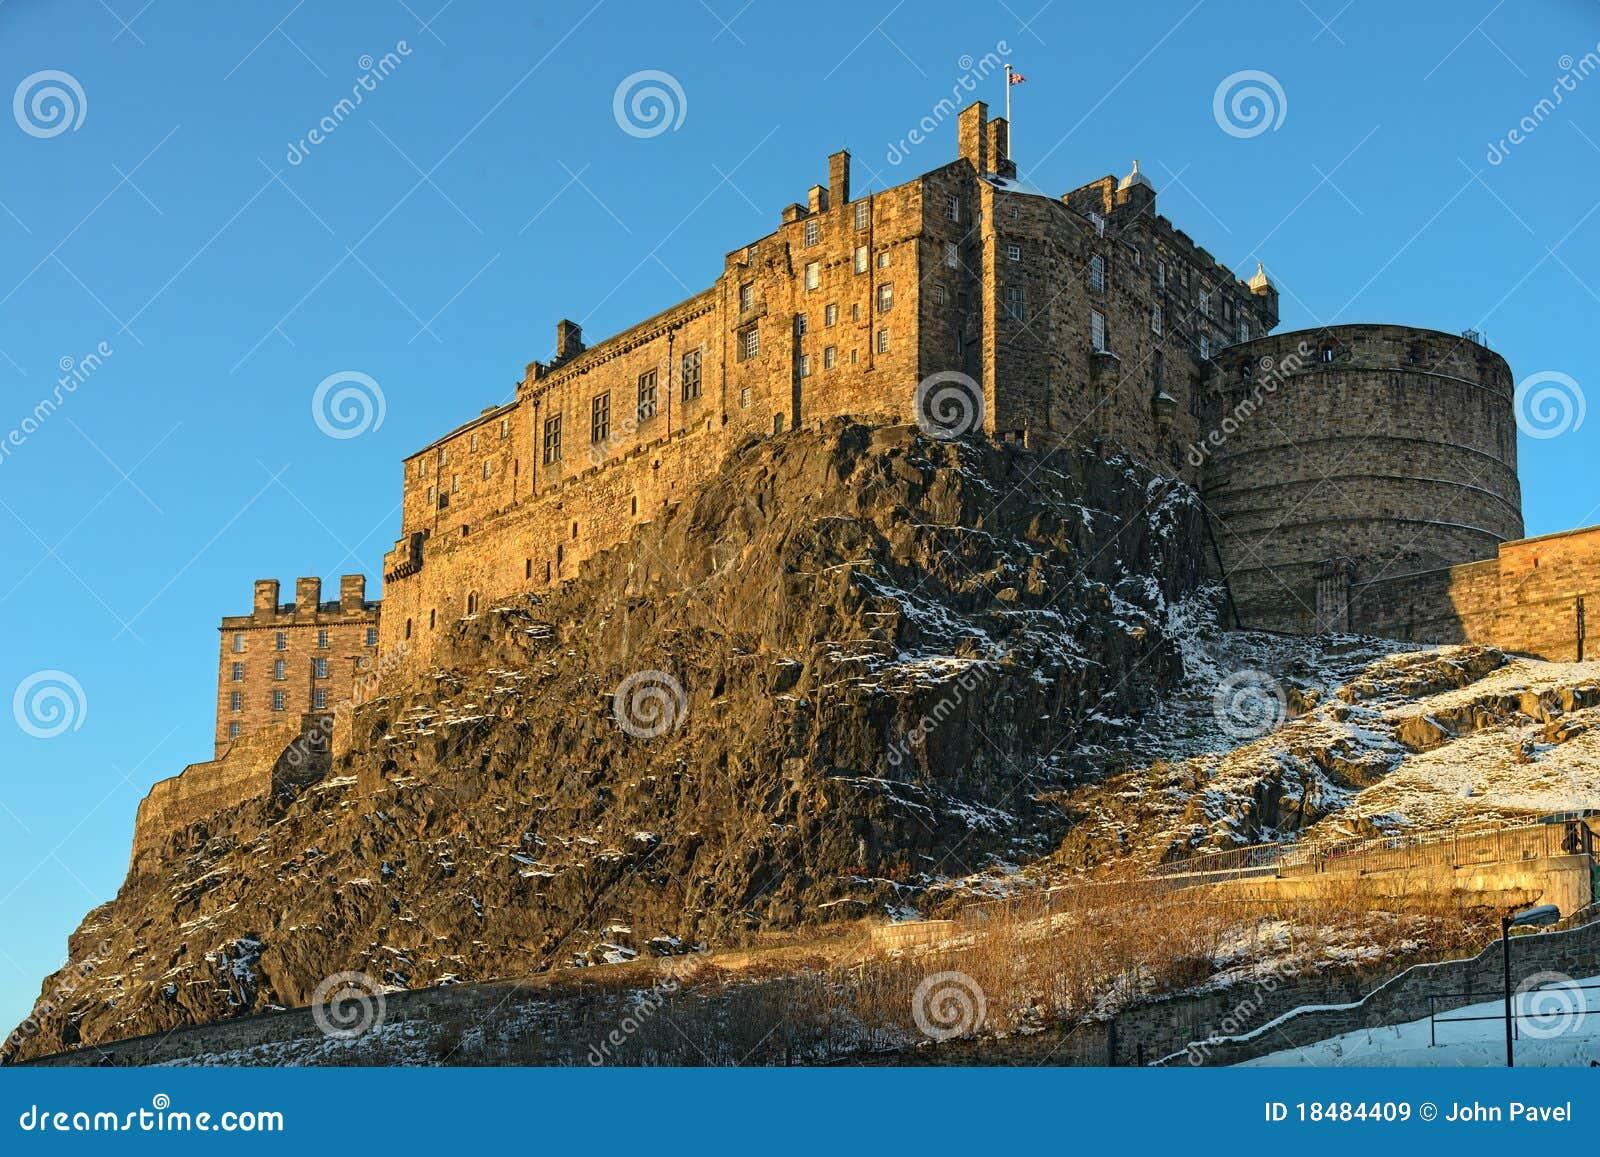 Castillo de Edimburgo, Escocia, Reino Unido, en luz del invierno